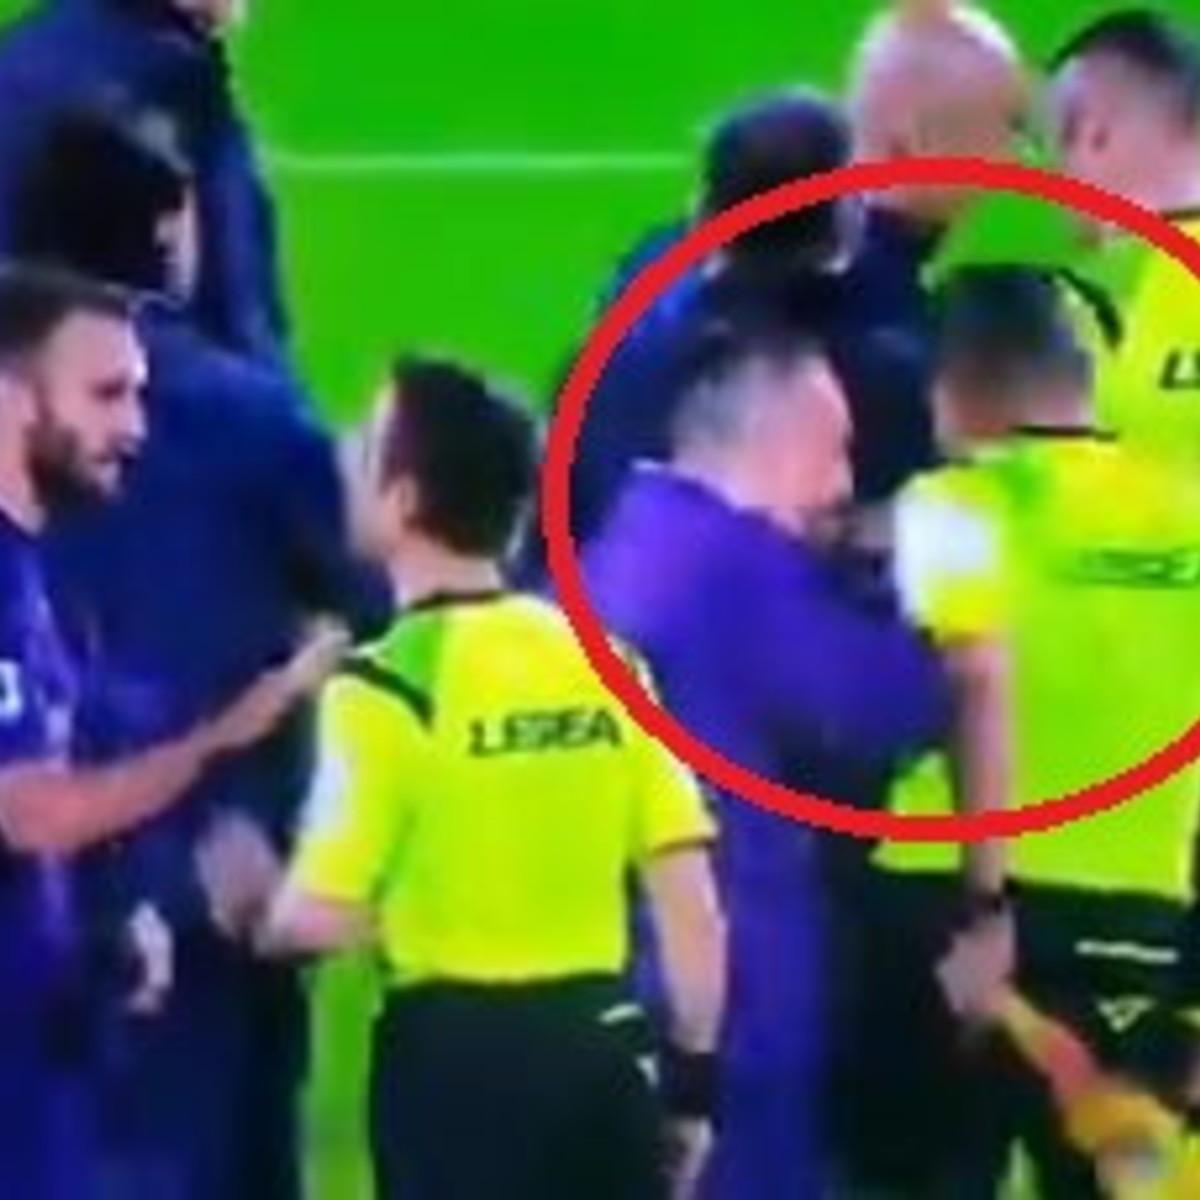 Fiorentina, Riberysqualificato tre giornateper la spinta al guardalinee